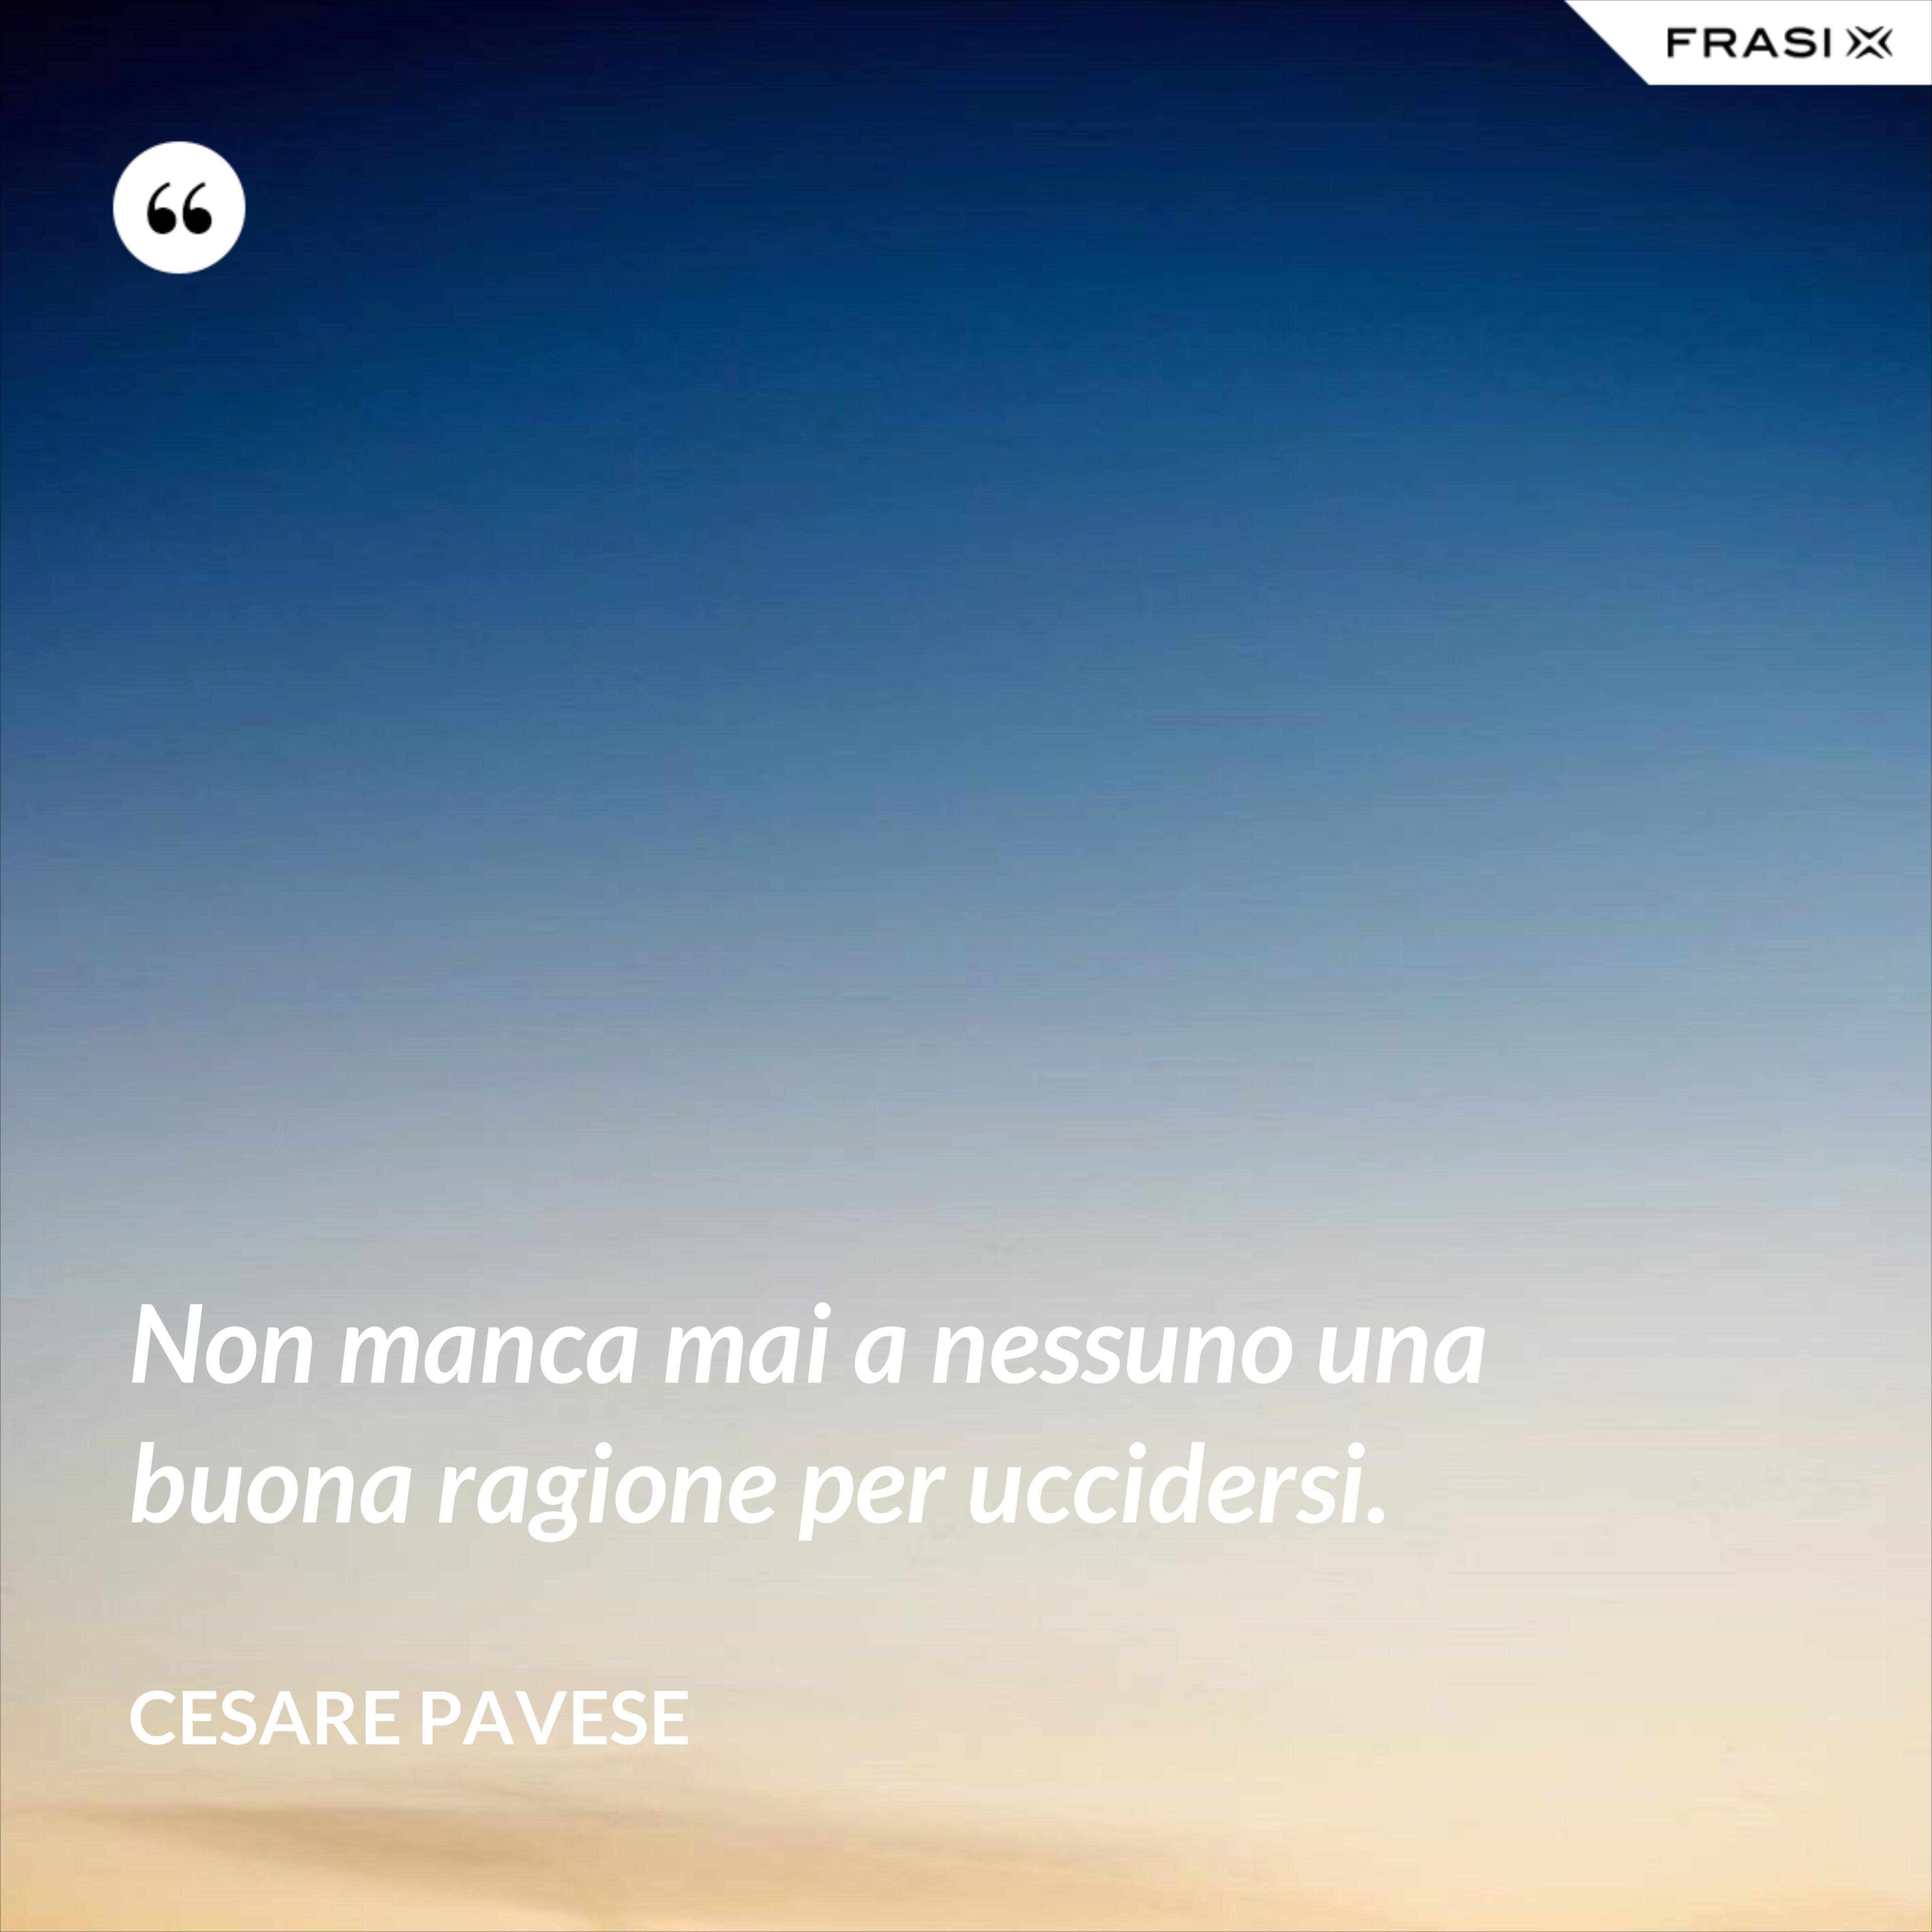 Non manca mai a nessuno una buona ragione per uccidersi. - Cesare Pavese